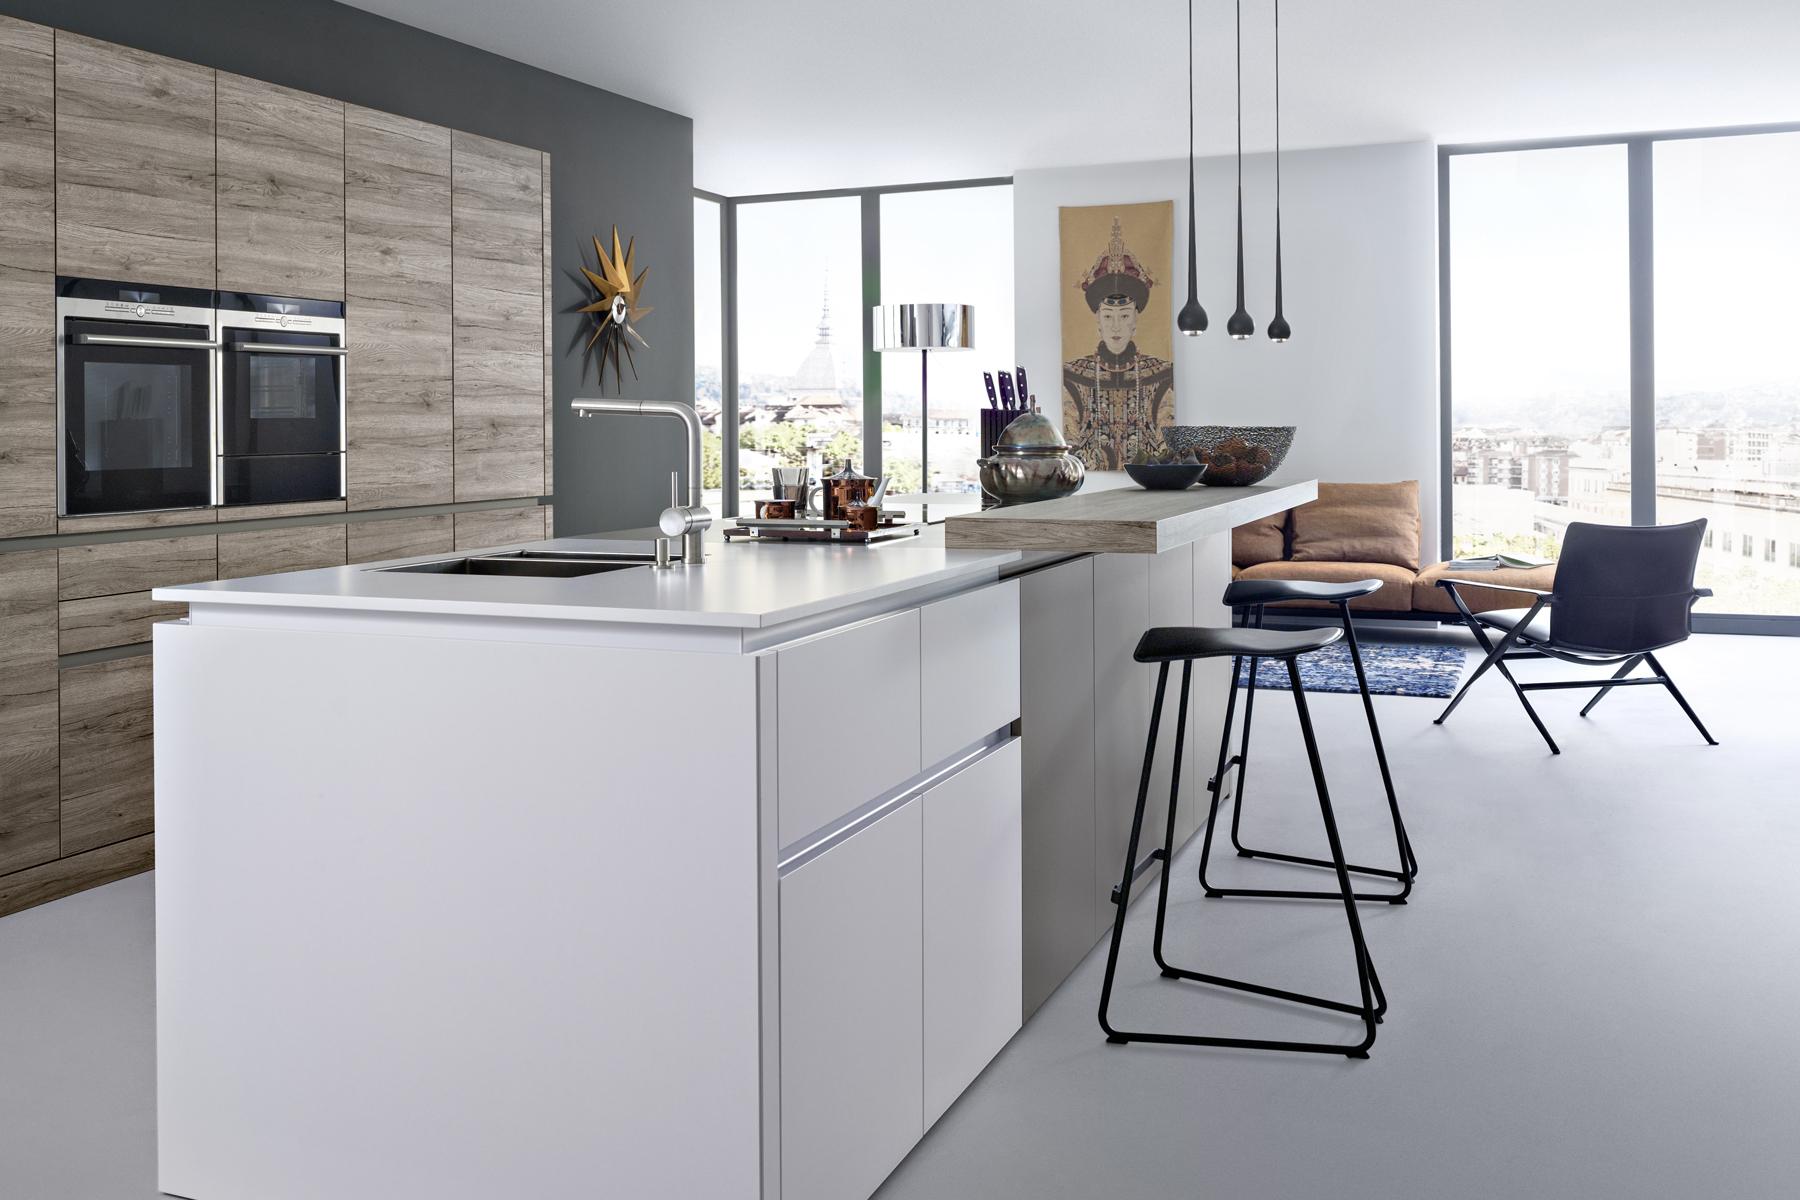 en el caso de las cocinas se aplican estaciones de carga sujetadores de electrnicos altavoces manos libres entre otros